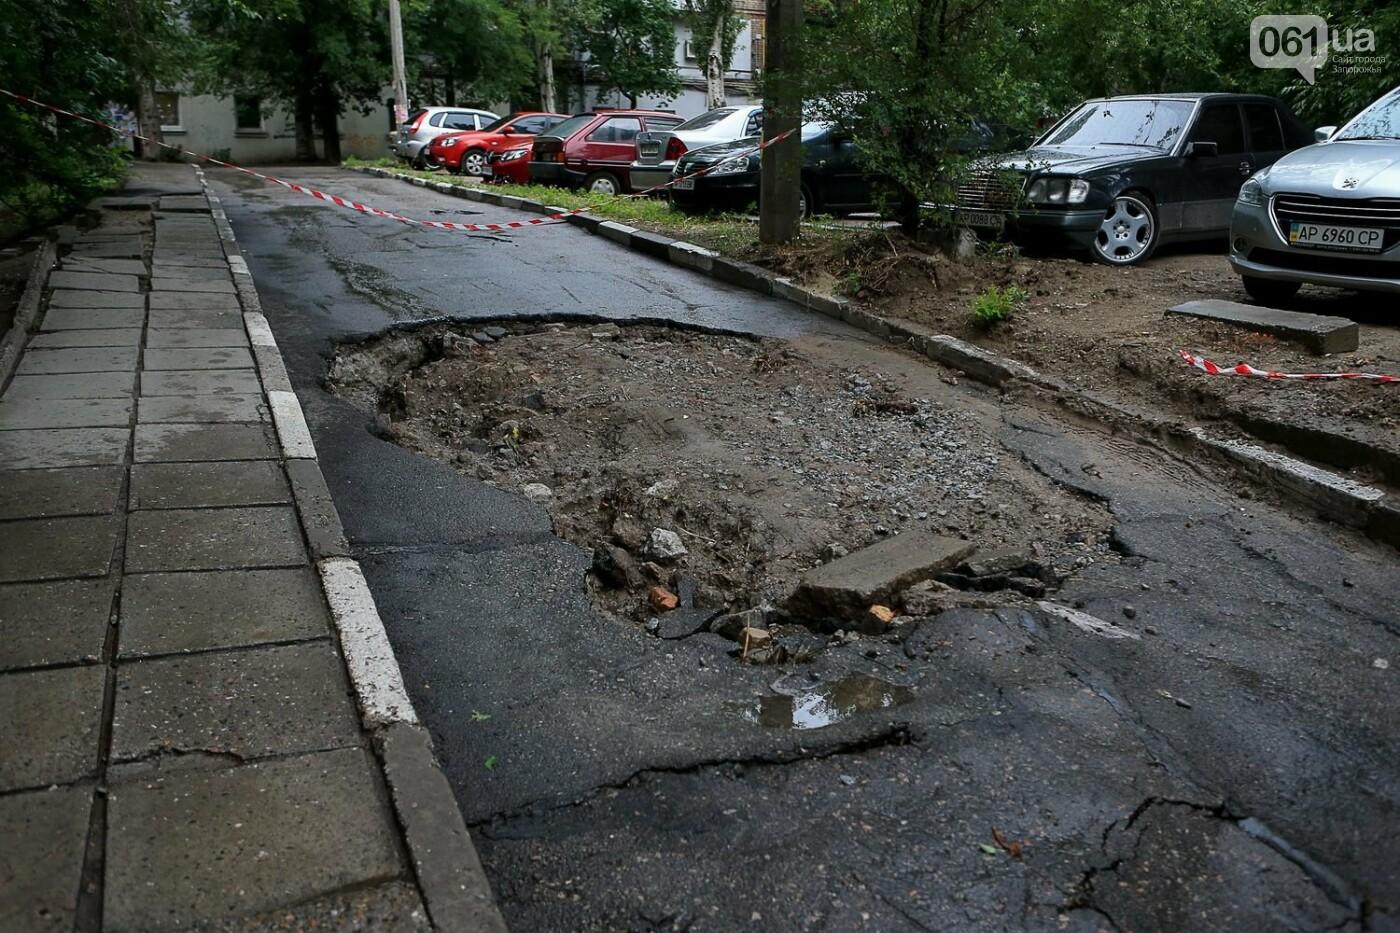 В Запорожье после ливней разрушены дороги: почему это произошло и за чей счет отремонтируют, - ФОТОРЕПОРТАЖ, фото-8